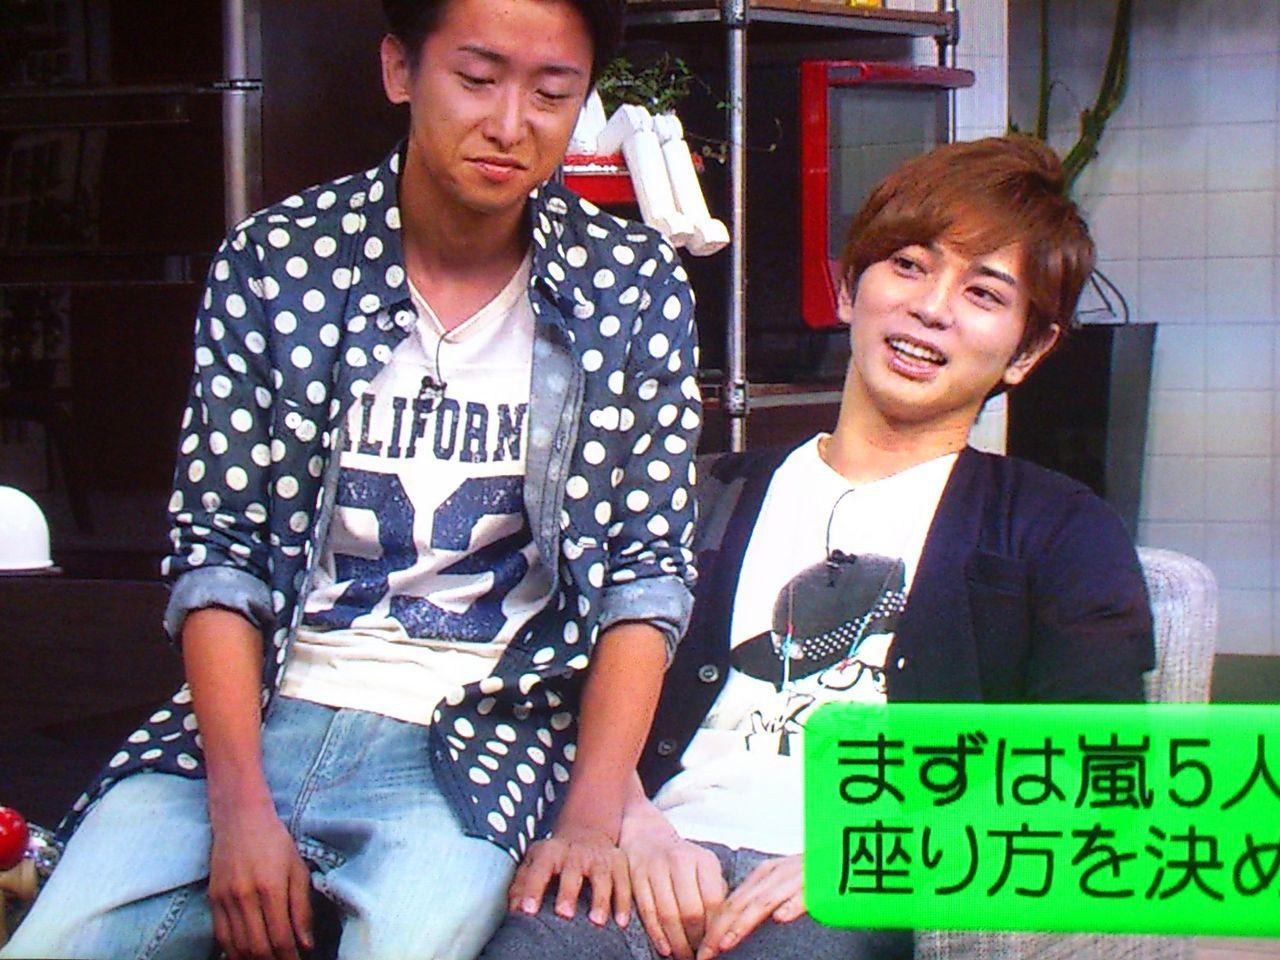 ひみつの嵐ちゃんSP10/11♪ : Sti...